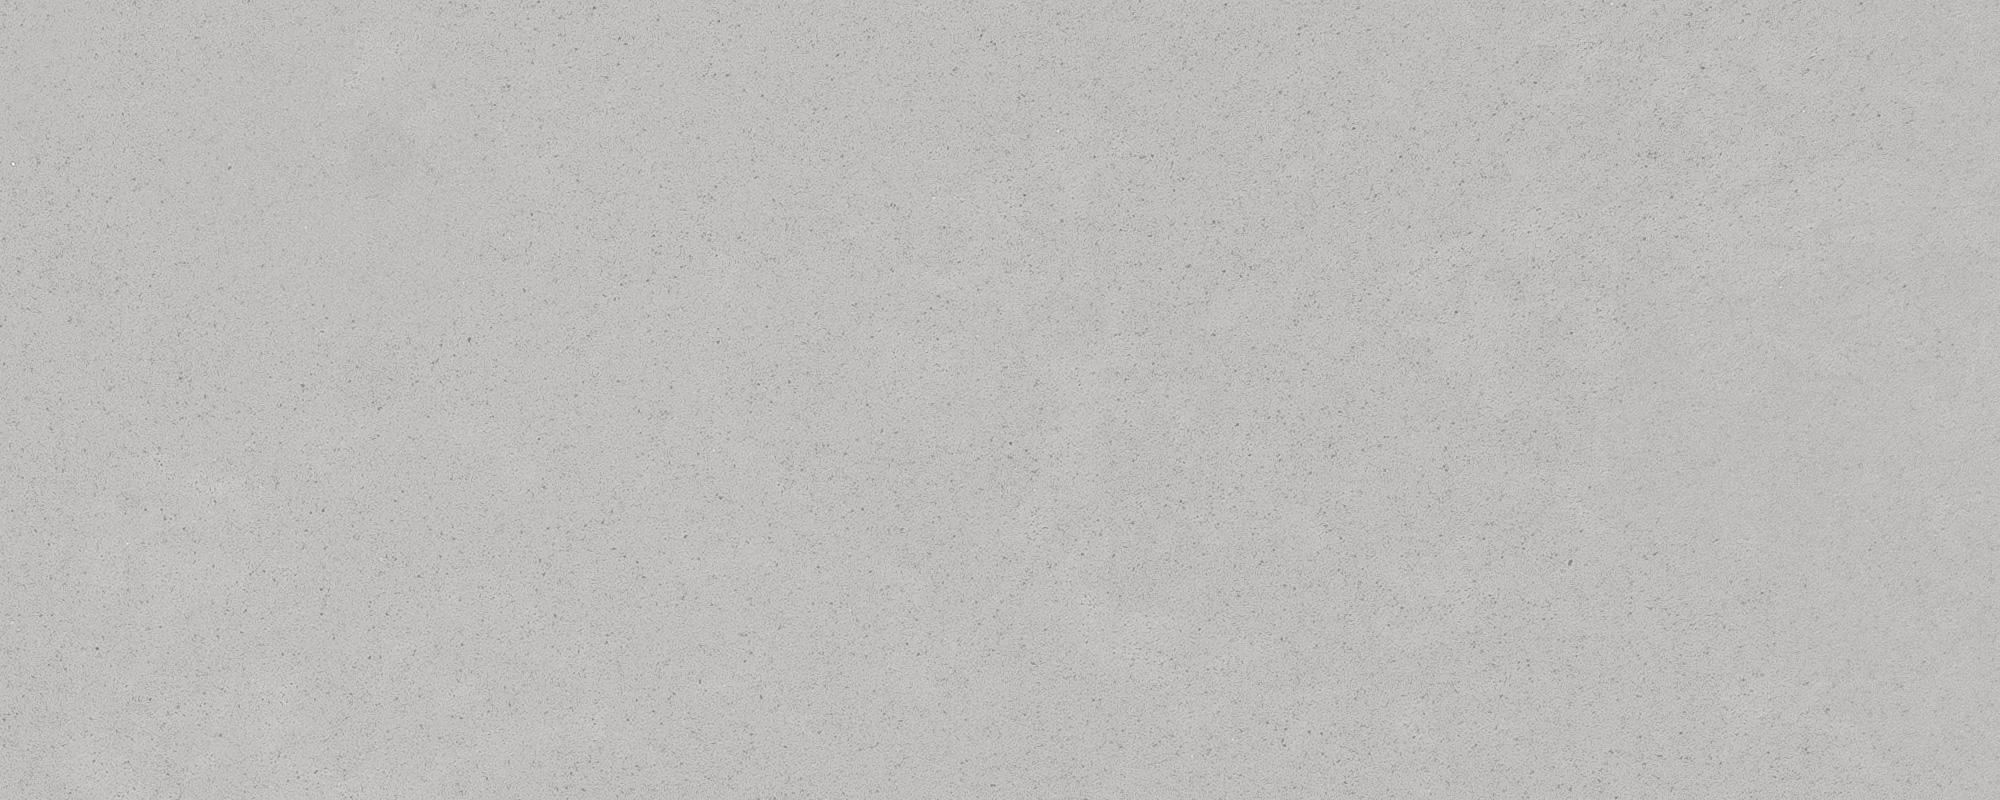 cuarzo de color Ice Zement. Colección Glacé, New York. Compac